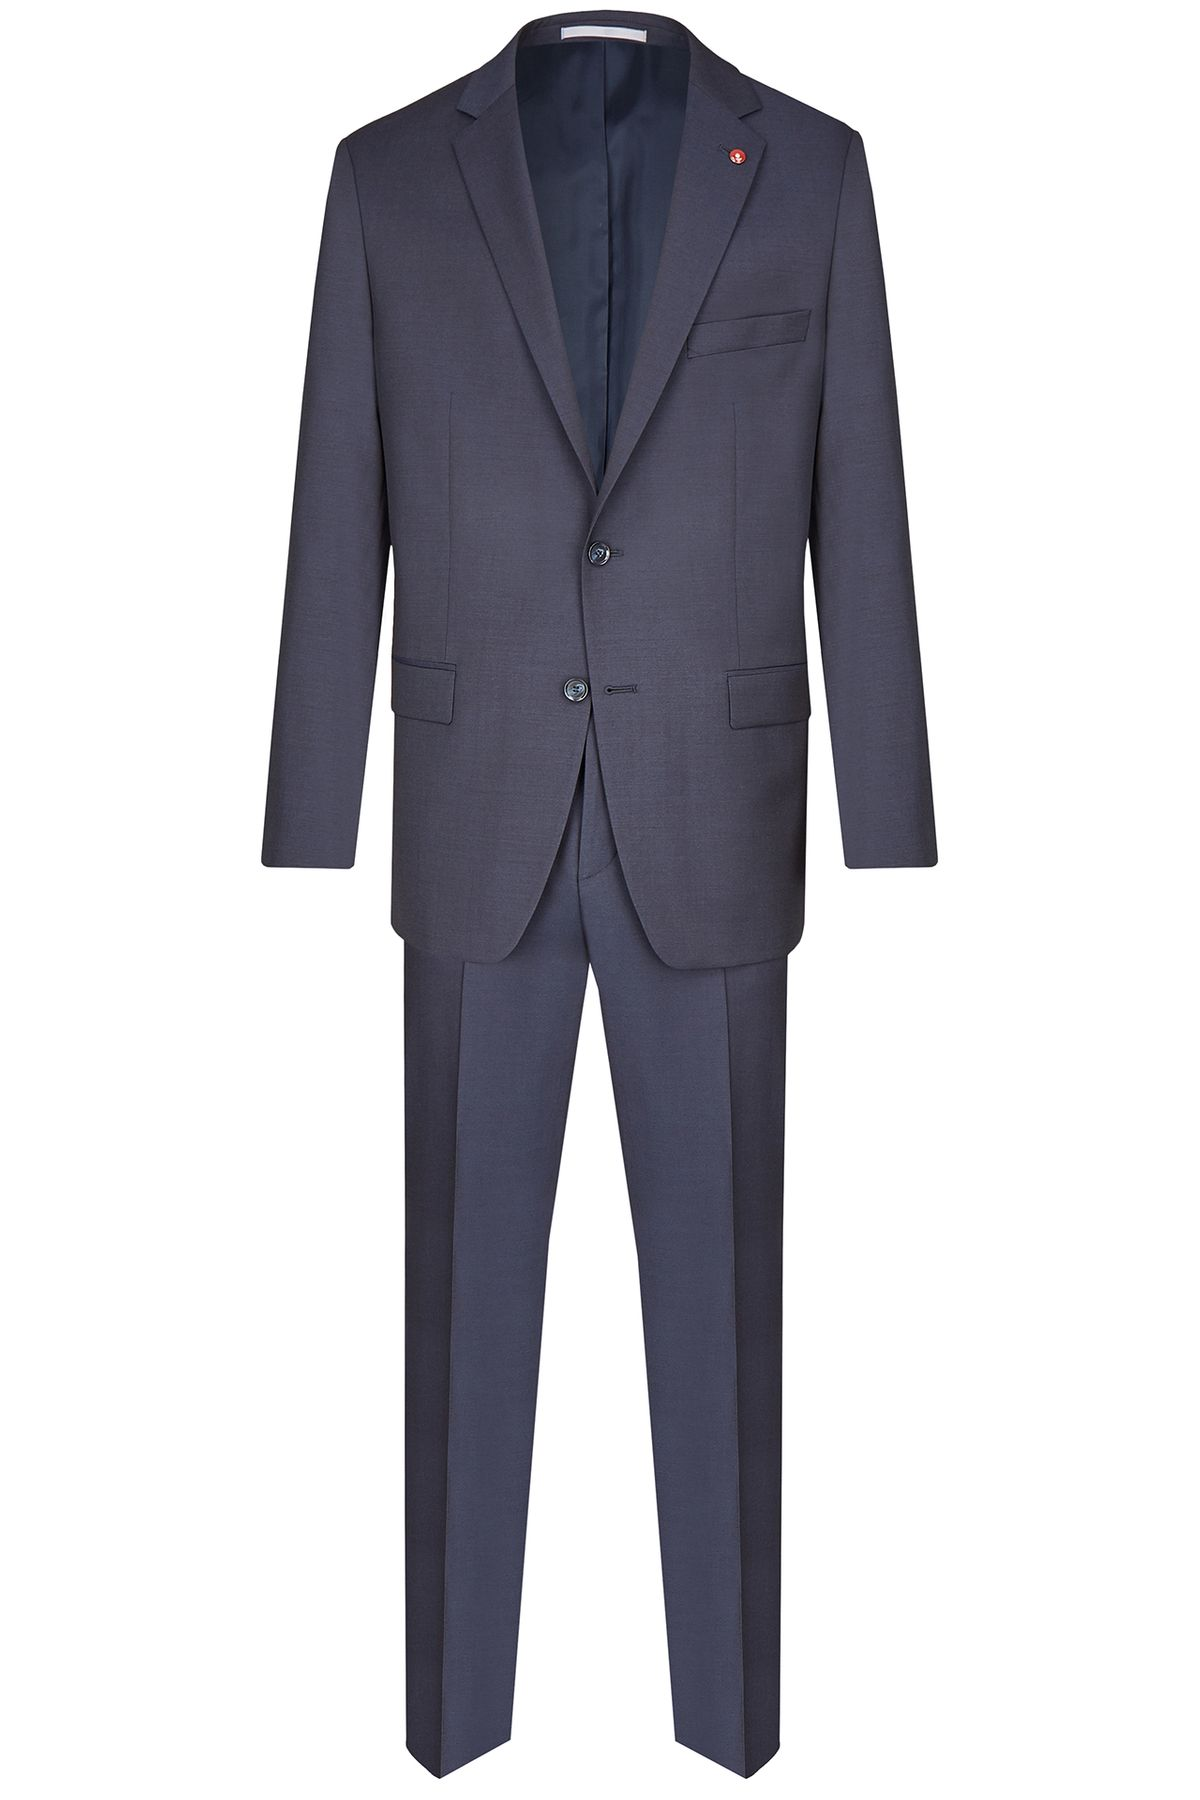 Atelier Torino - Modern Fit - Herren Baukasten Anzug aus reiner Schurwolle, Weber: Marzotto, Roma SS/Aldo (07044) – Bild 4